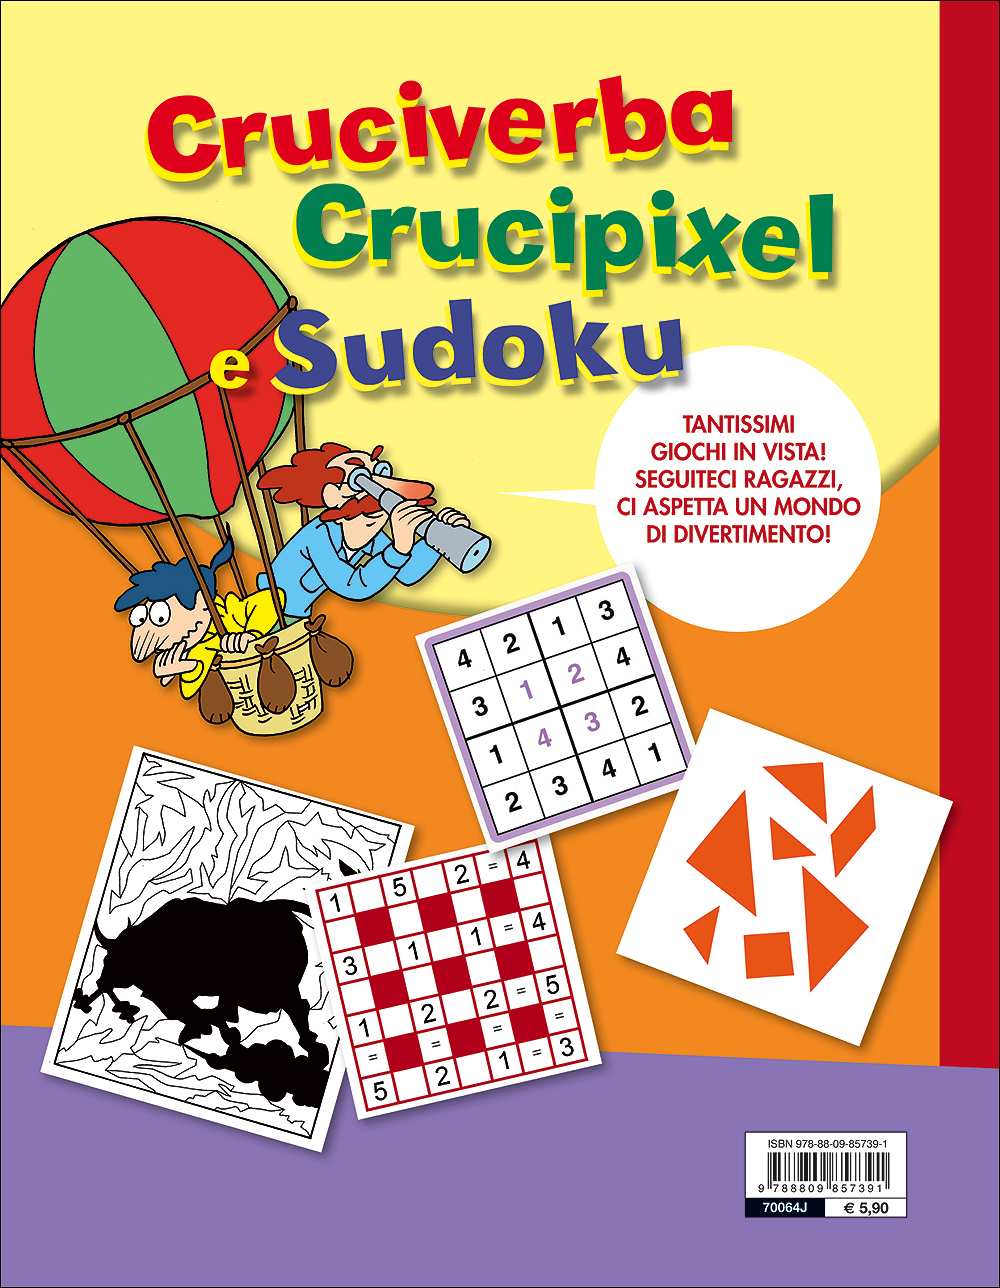 Cruciverba Crucipixel e Sudoku